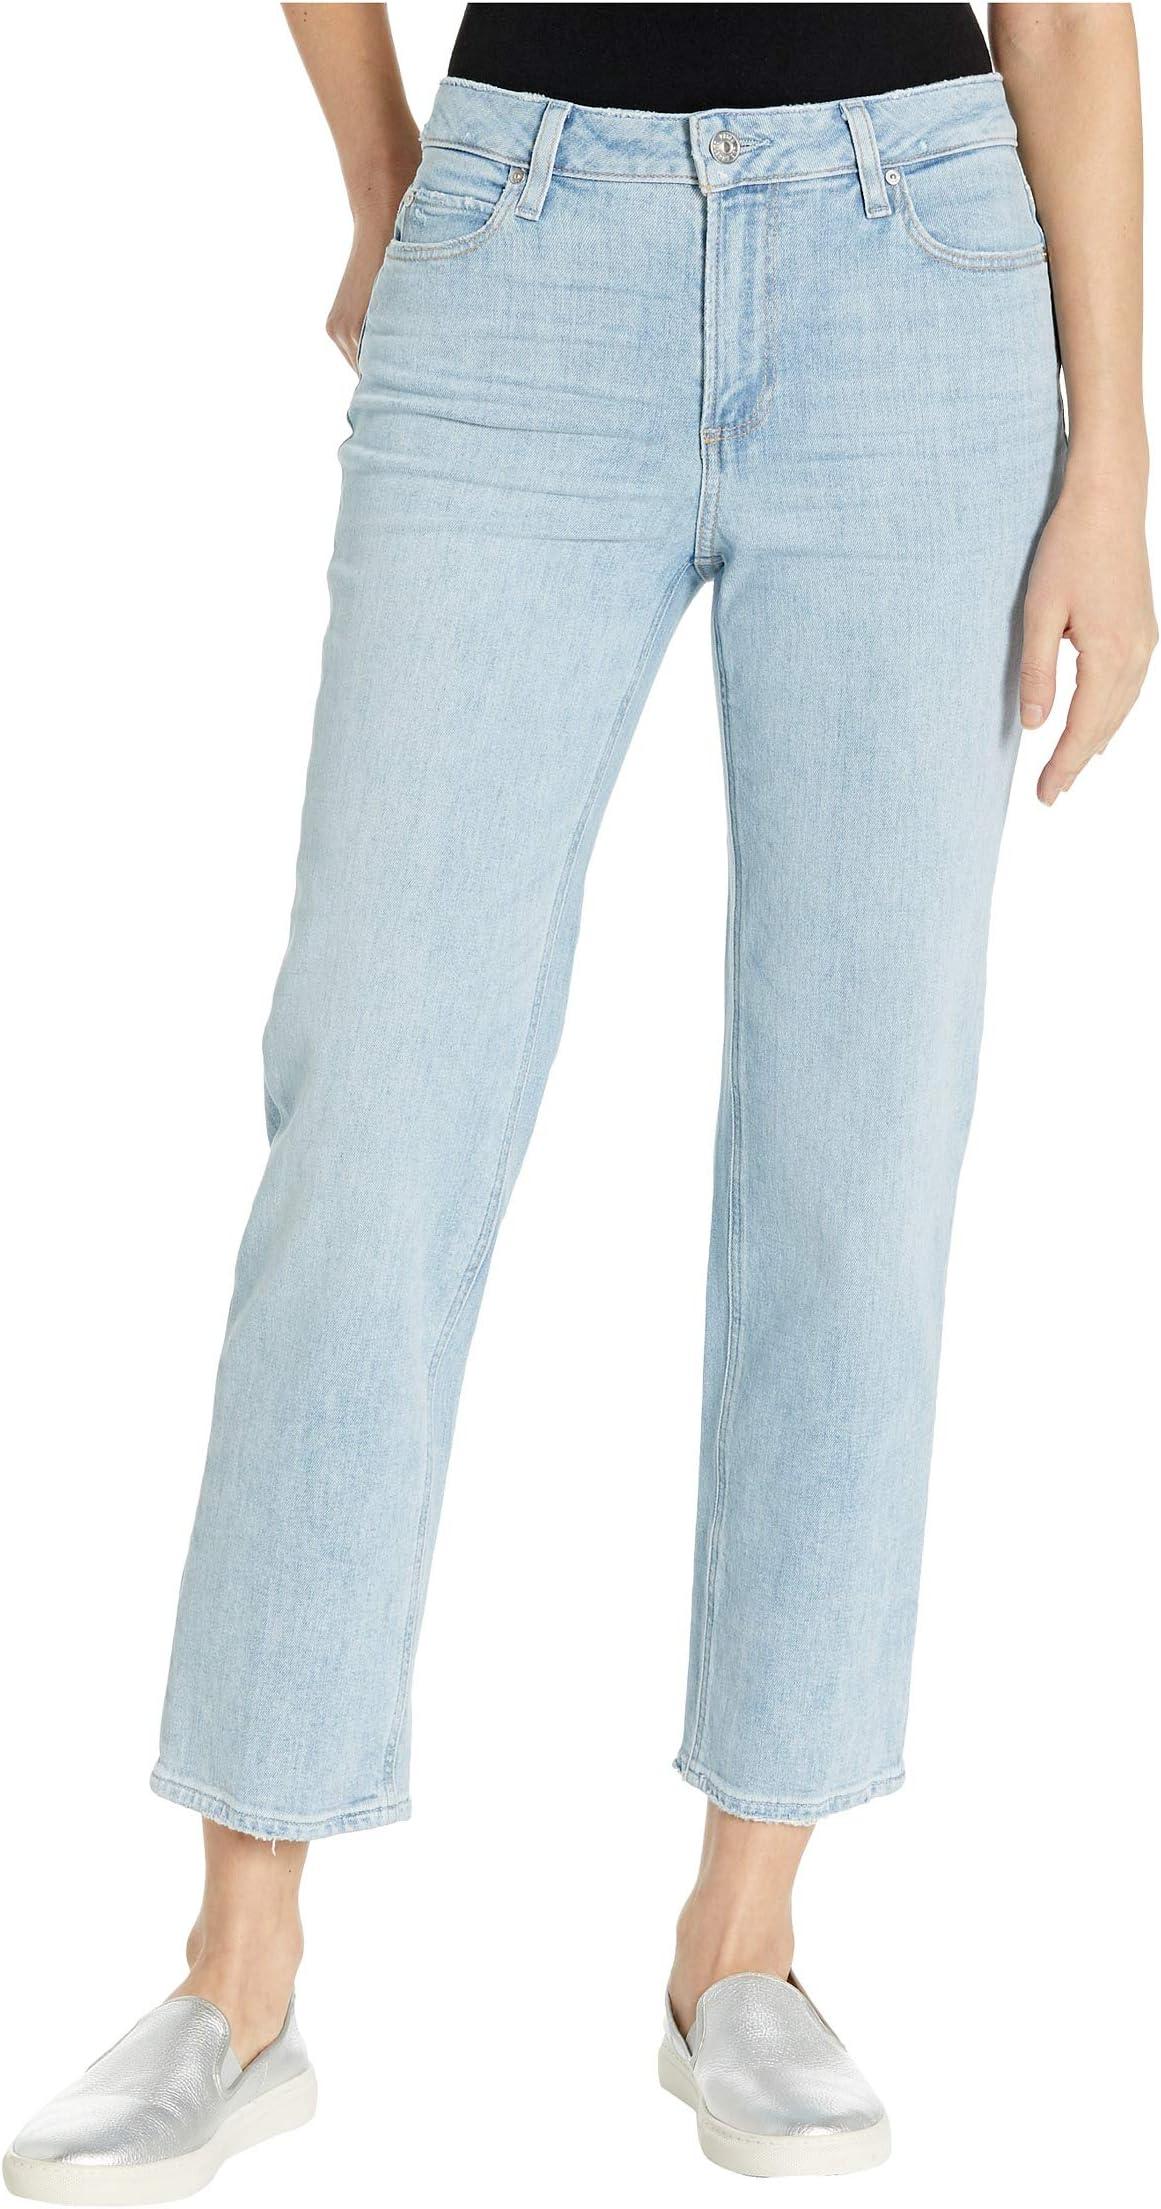 Paige Noella Straight Jeans in Landslide